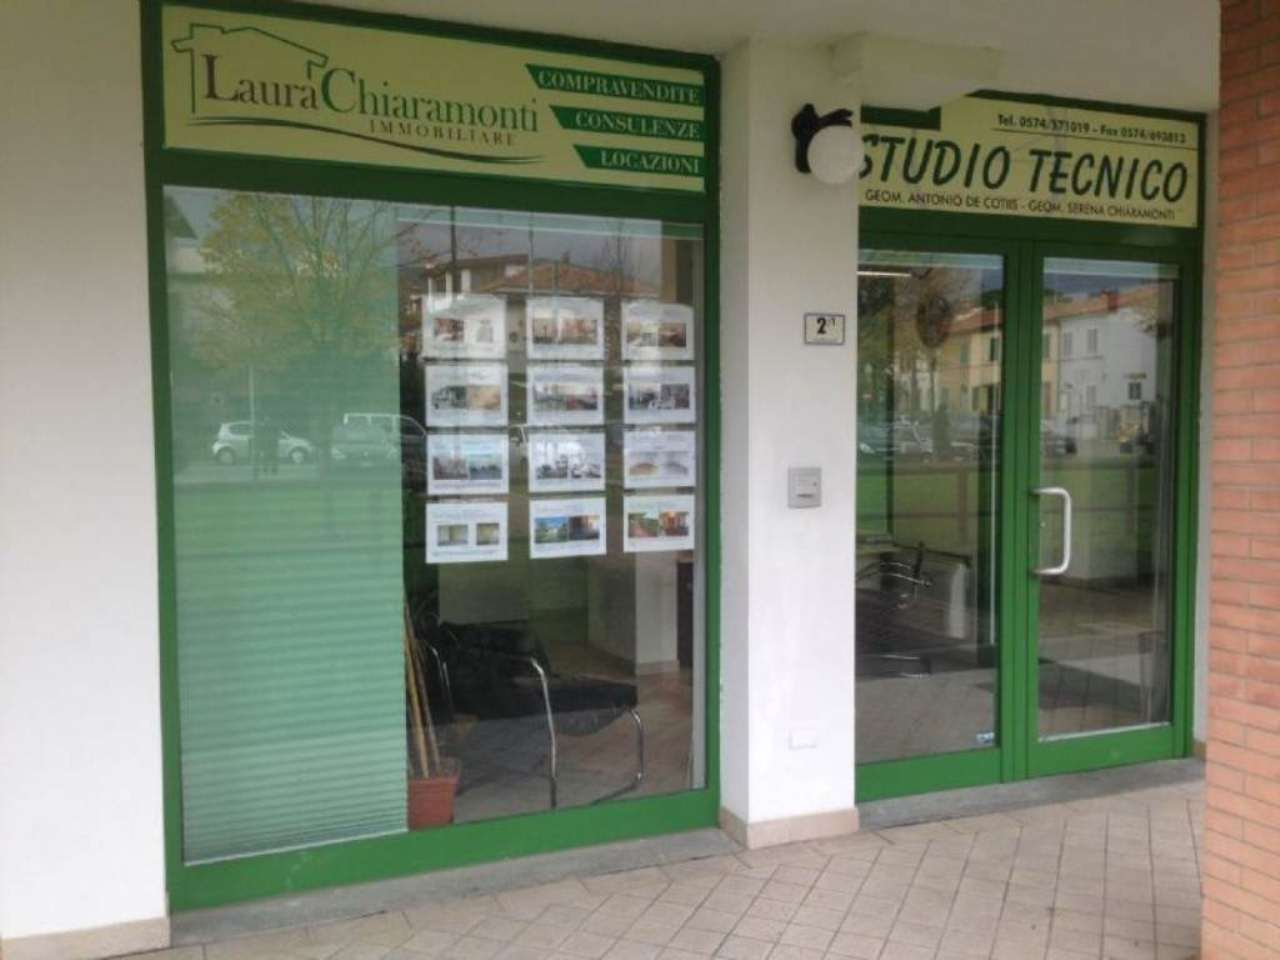 Terreno Edificabile Residenziale in vendita a Prato, 5 locali, prezzo € 200.000 | CambioCasa.it